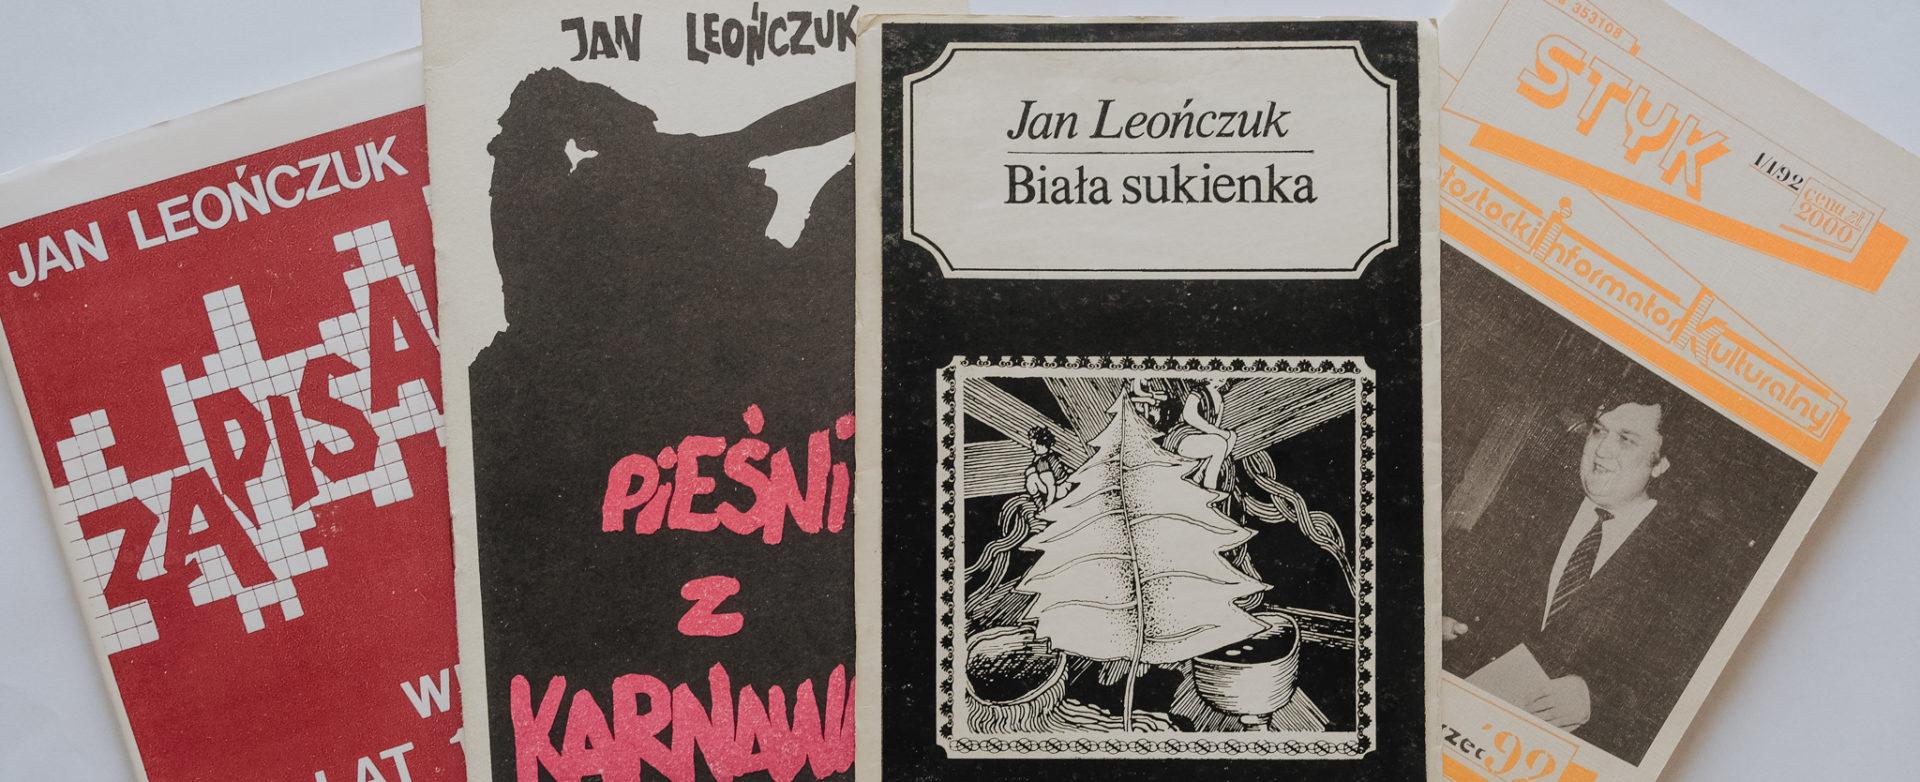 Jan Leończuk. 70. rocznica urodzin poety